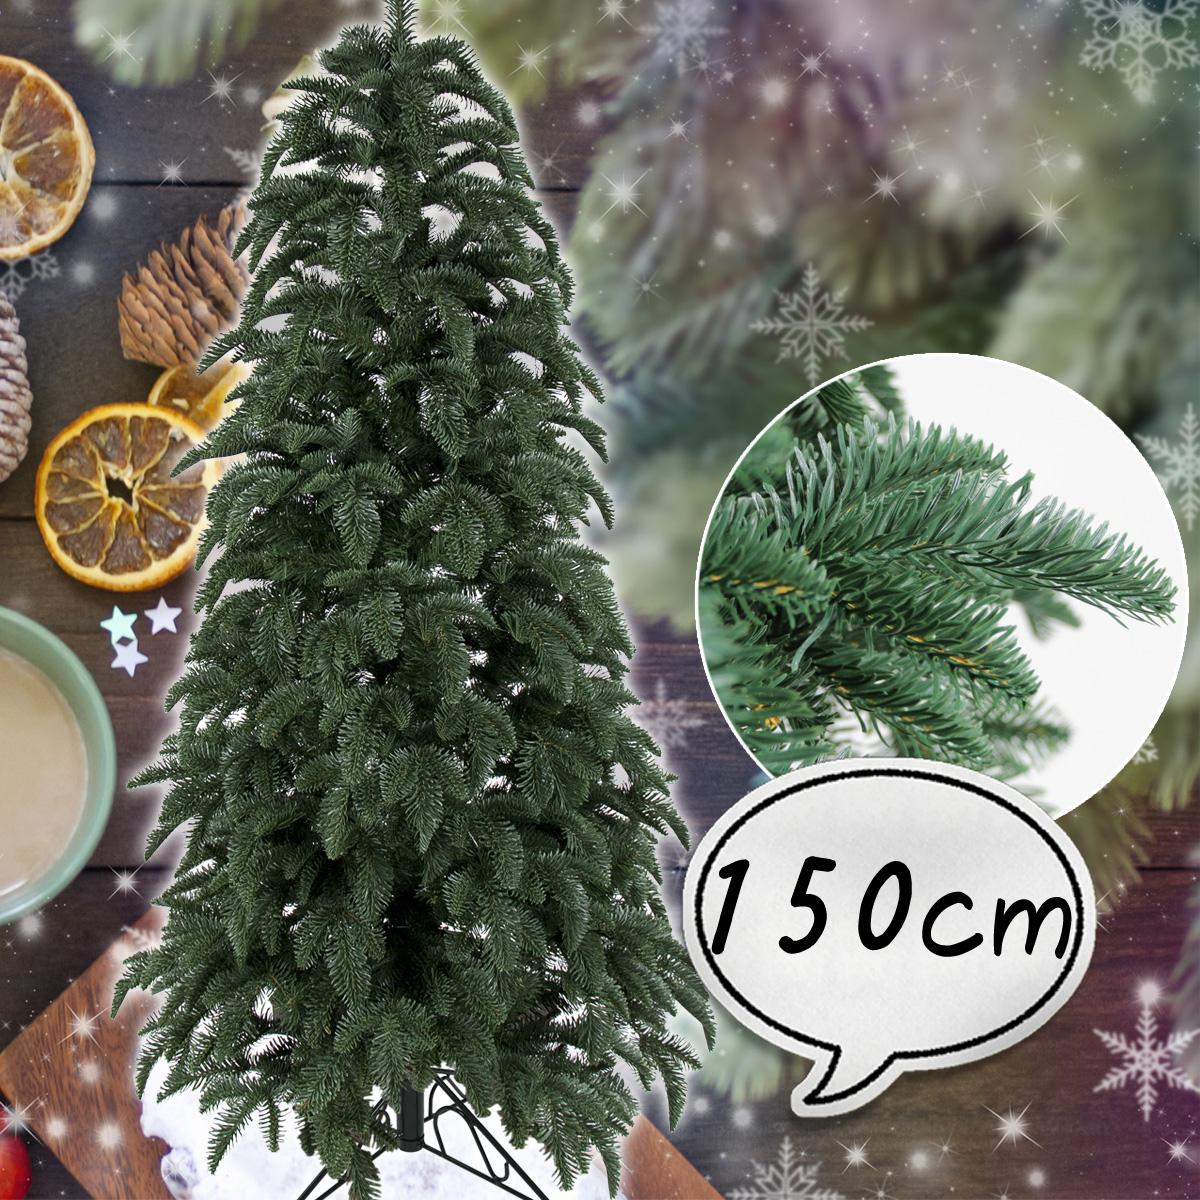 クリスマスツリー 150cm リアルスプルースツリー グリーン 葉は本物のように肉厚のある ポリ成形 ツリー 木 スタンドタイプ 北欧 おしゃれ